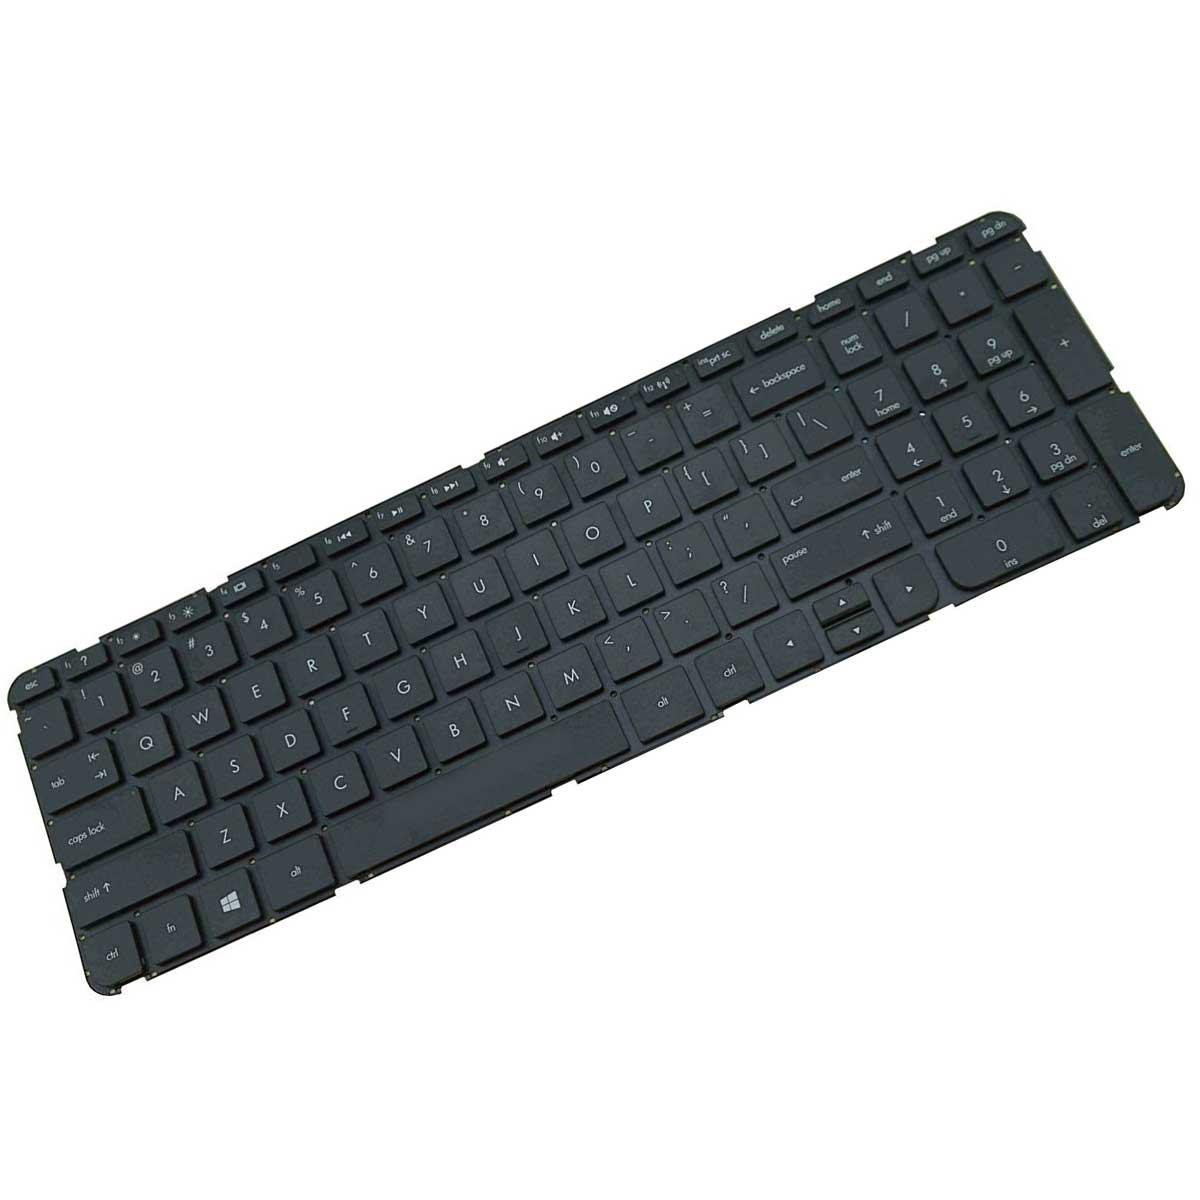 کیبورد لپ تاپ اچ پی Keyboard Laptop Hp pavilion 15-B